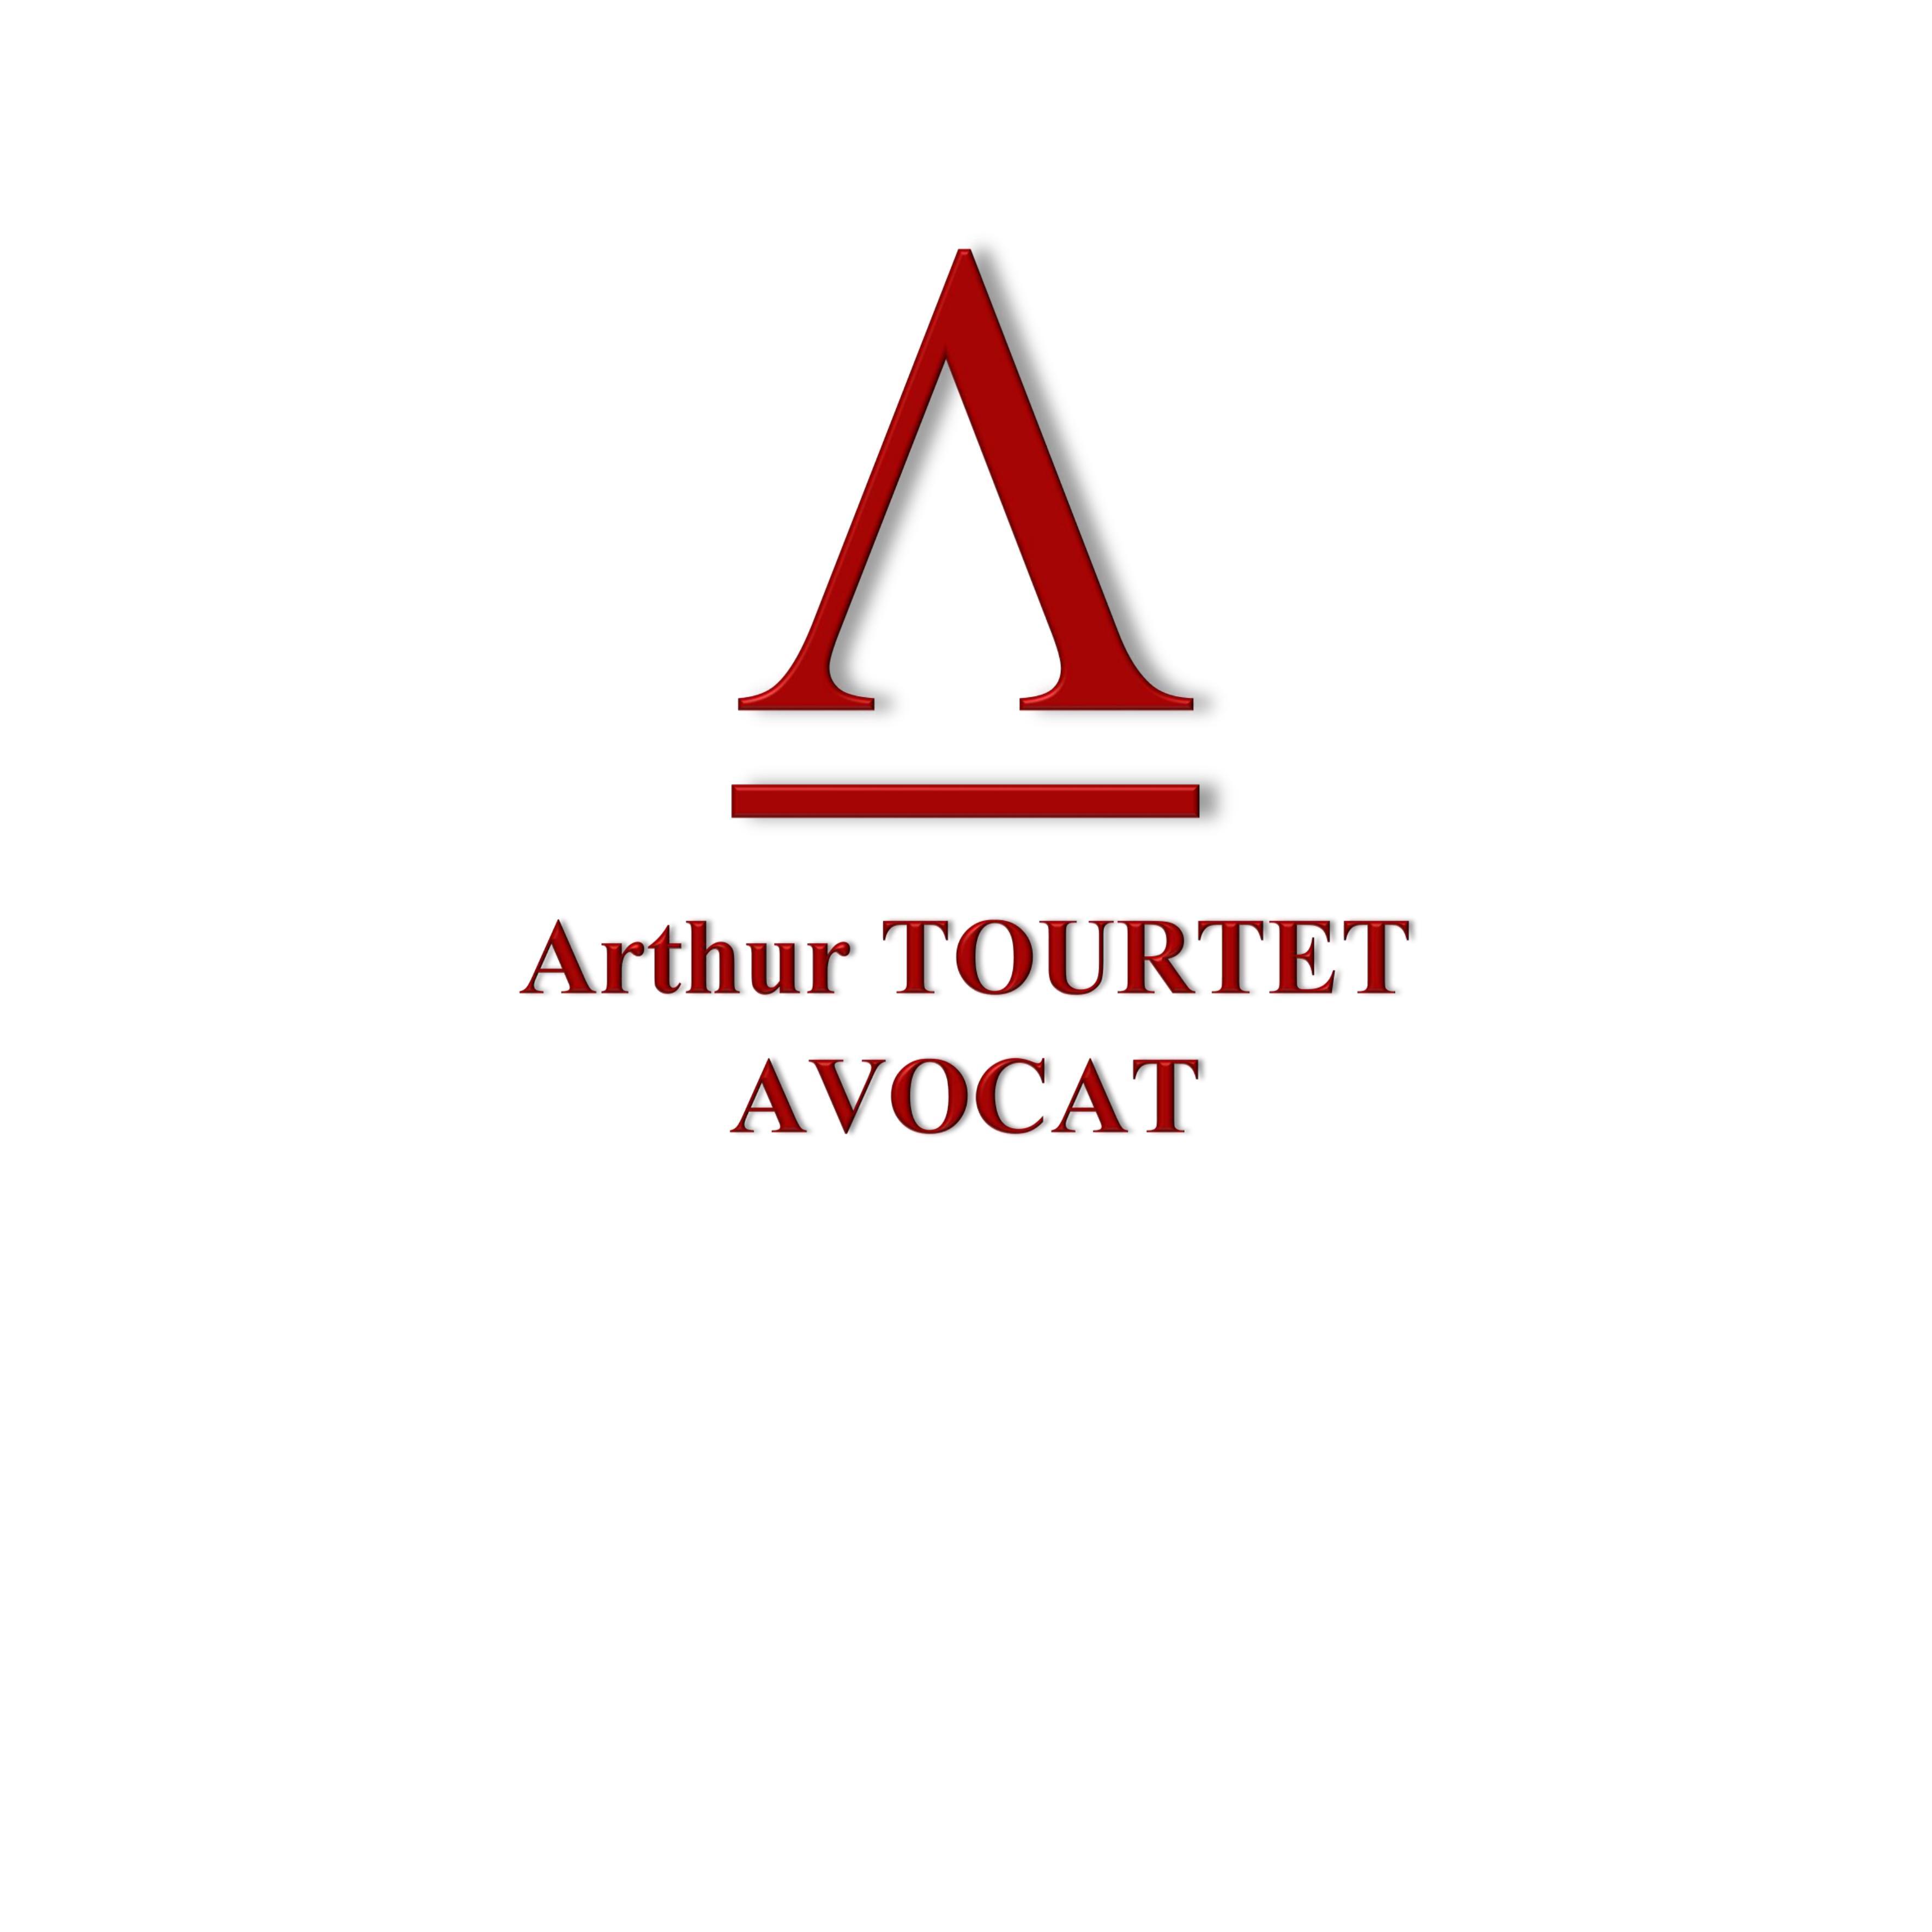 L'employeur peut-il sanctionner un harcèlement sexuel commis en dehors du travail ?(Cour d'appel de Toulouse, 10 février 2017, n° 15/00738).